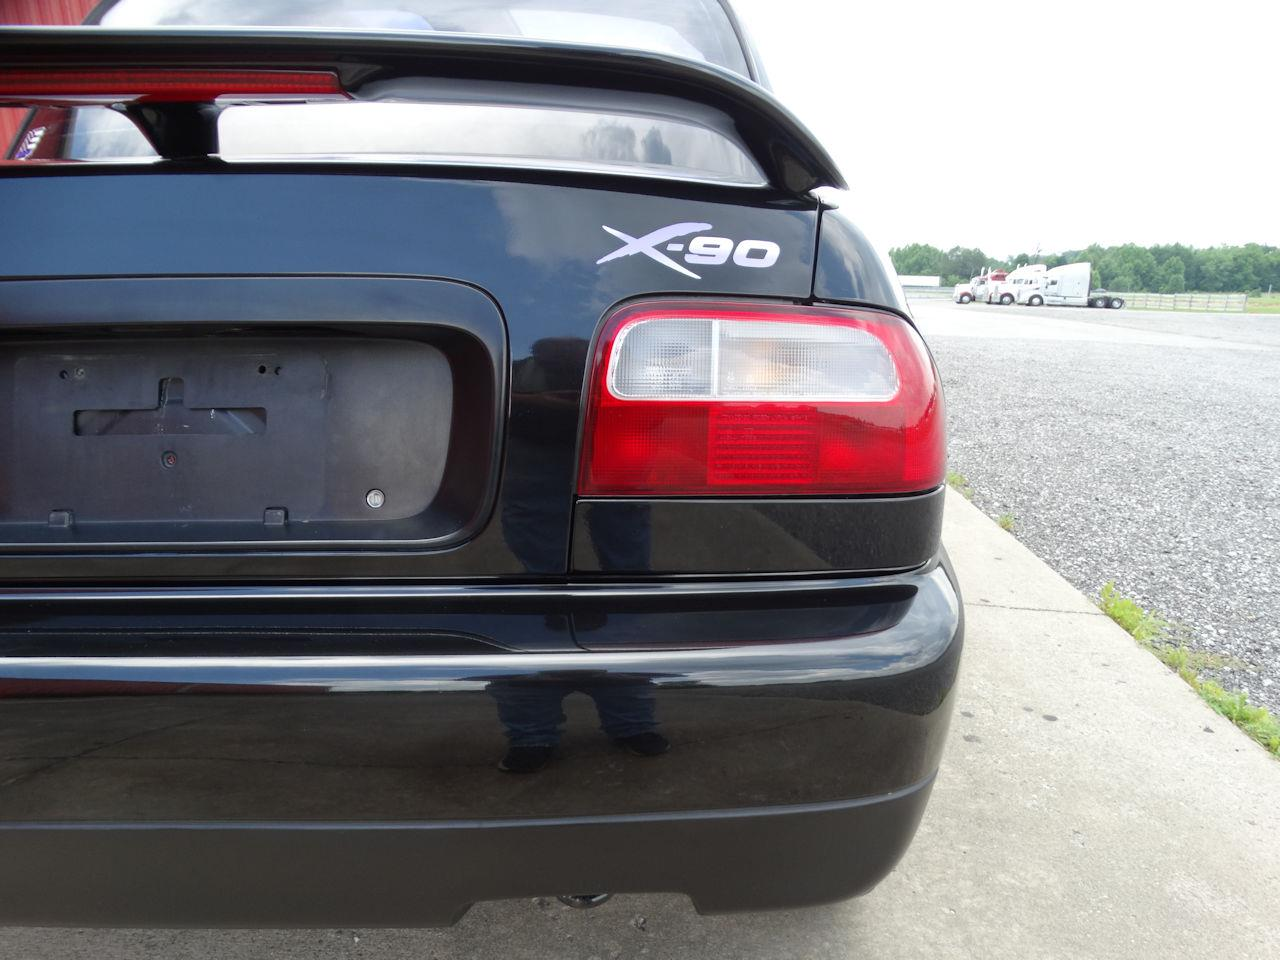 1996 Suzuki X-90 (CC-1379271) for sale in O'Fallon, Illinois